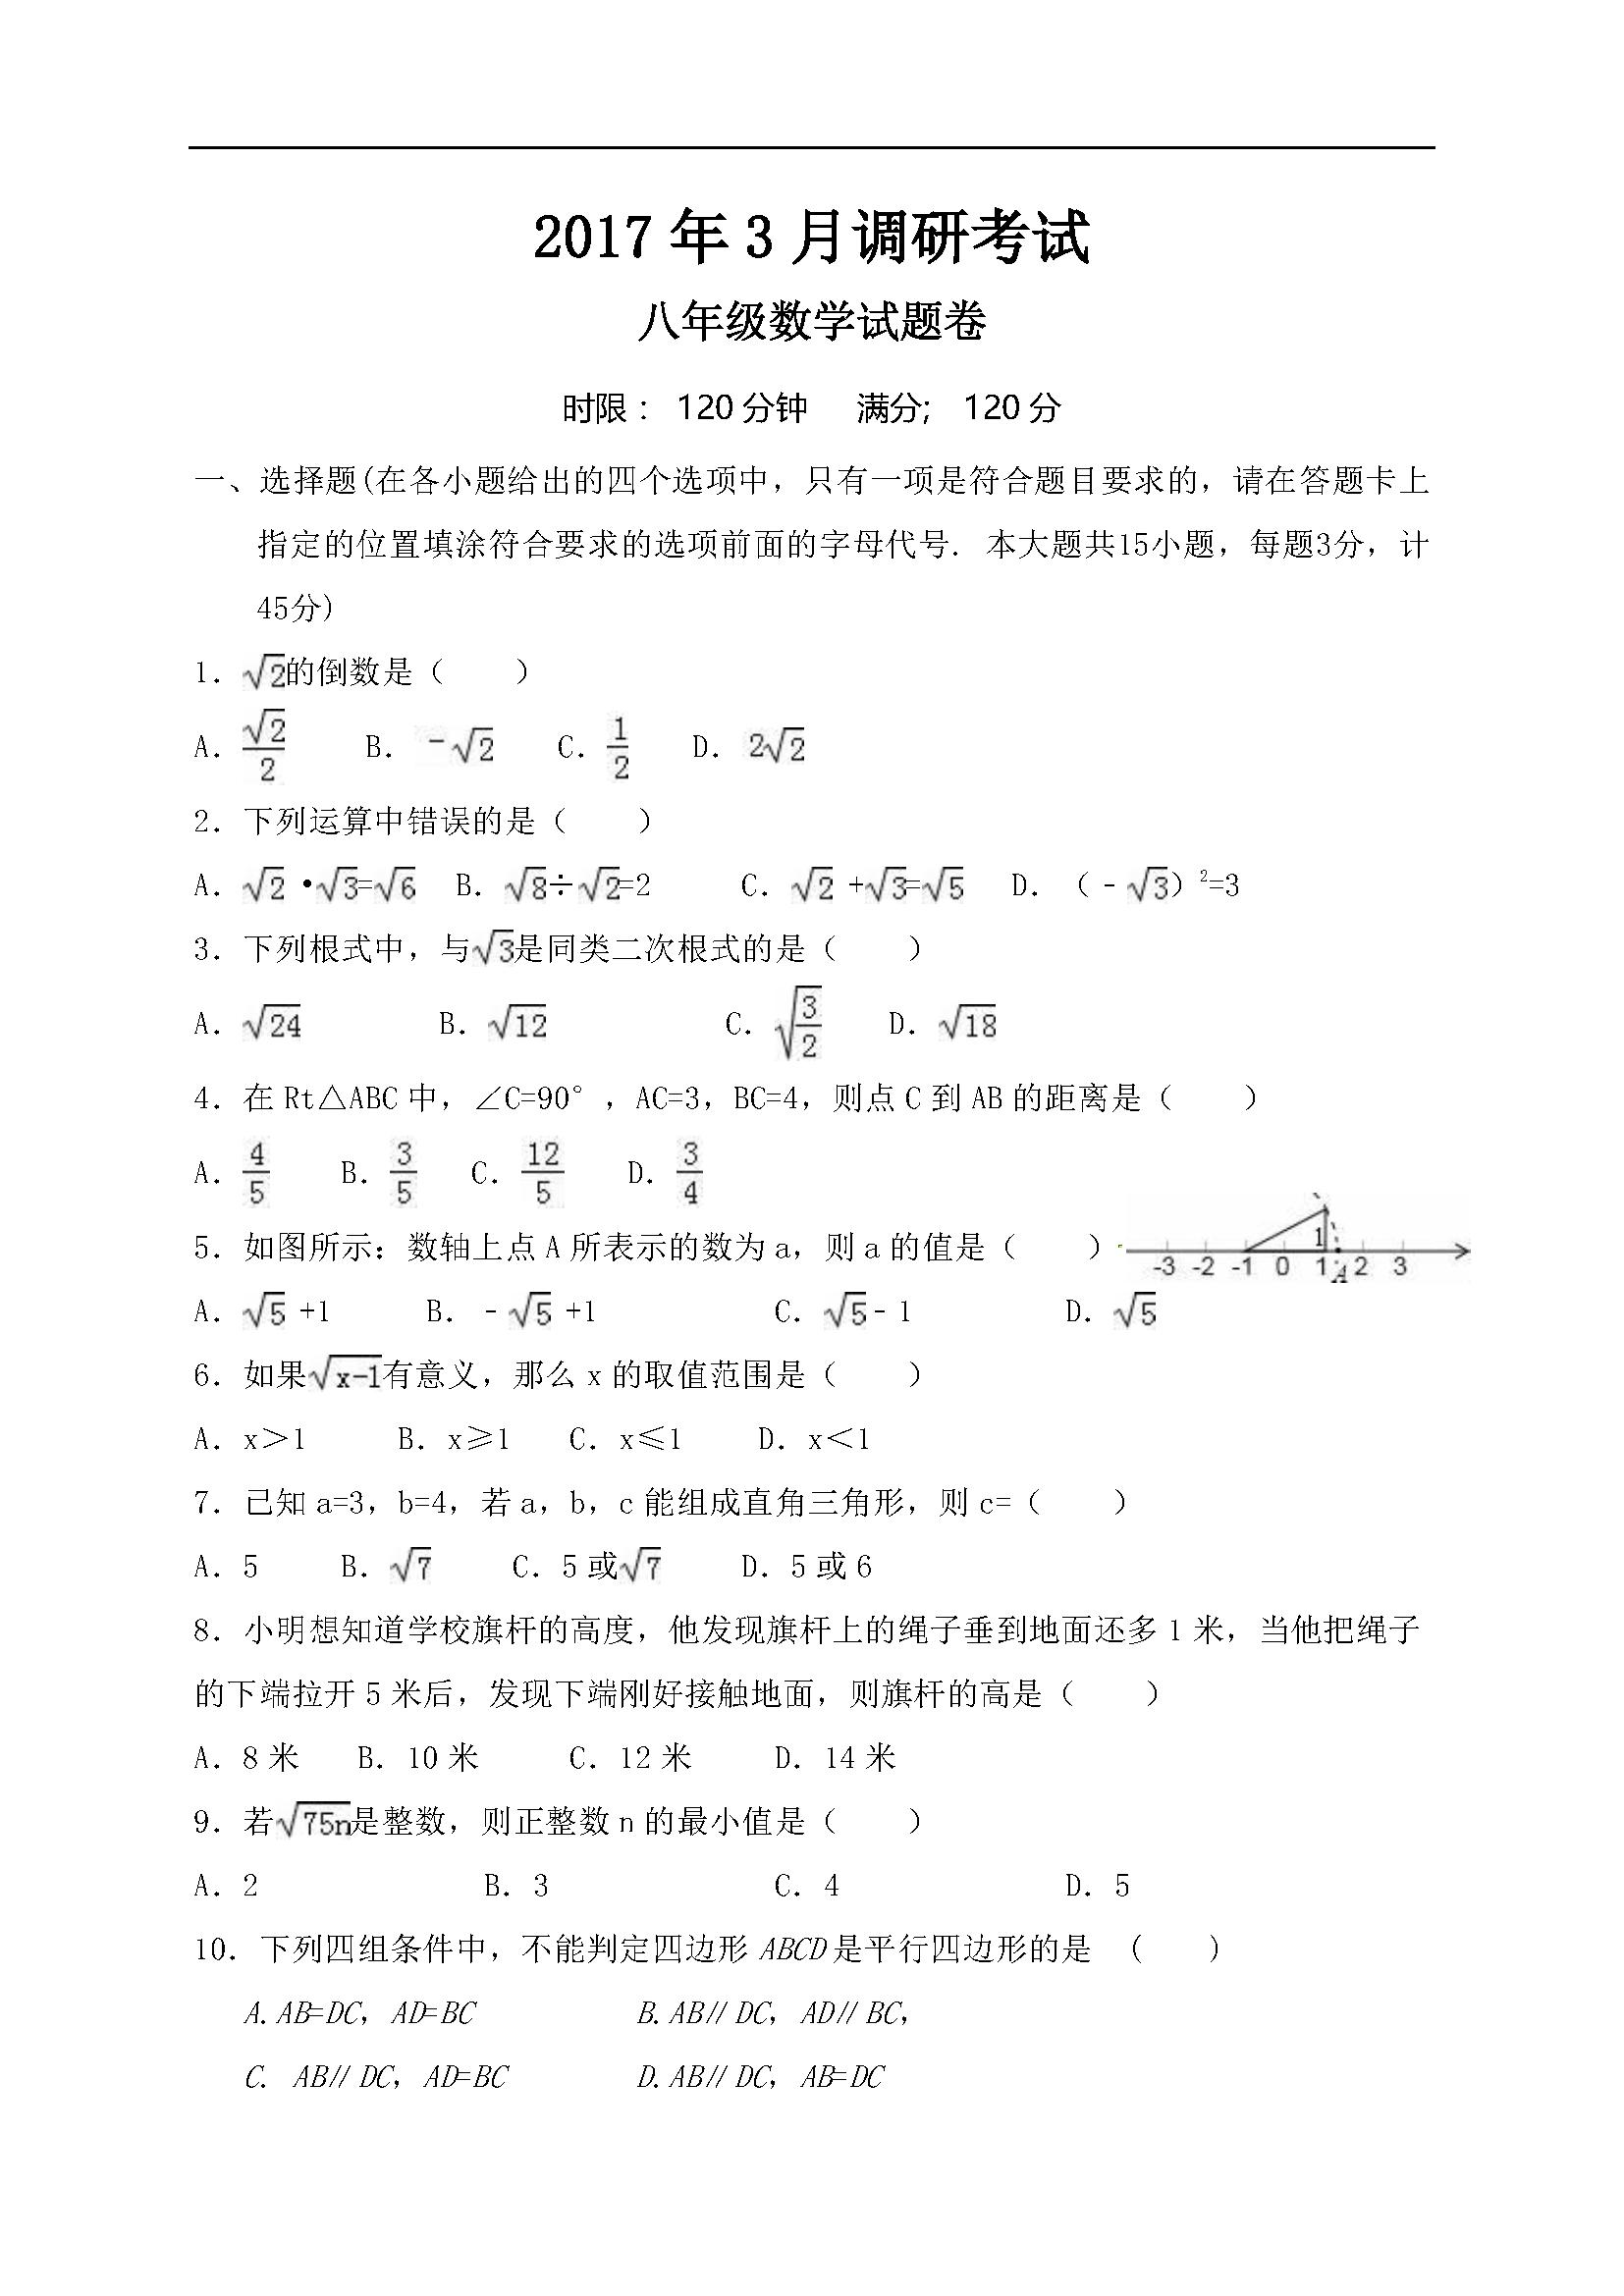 2017湖北枝江八年级3月调研考试数学试题(图片版)